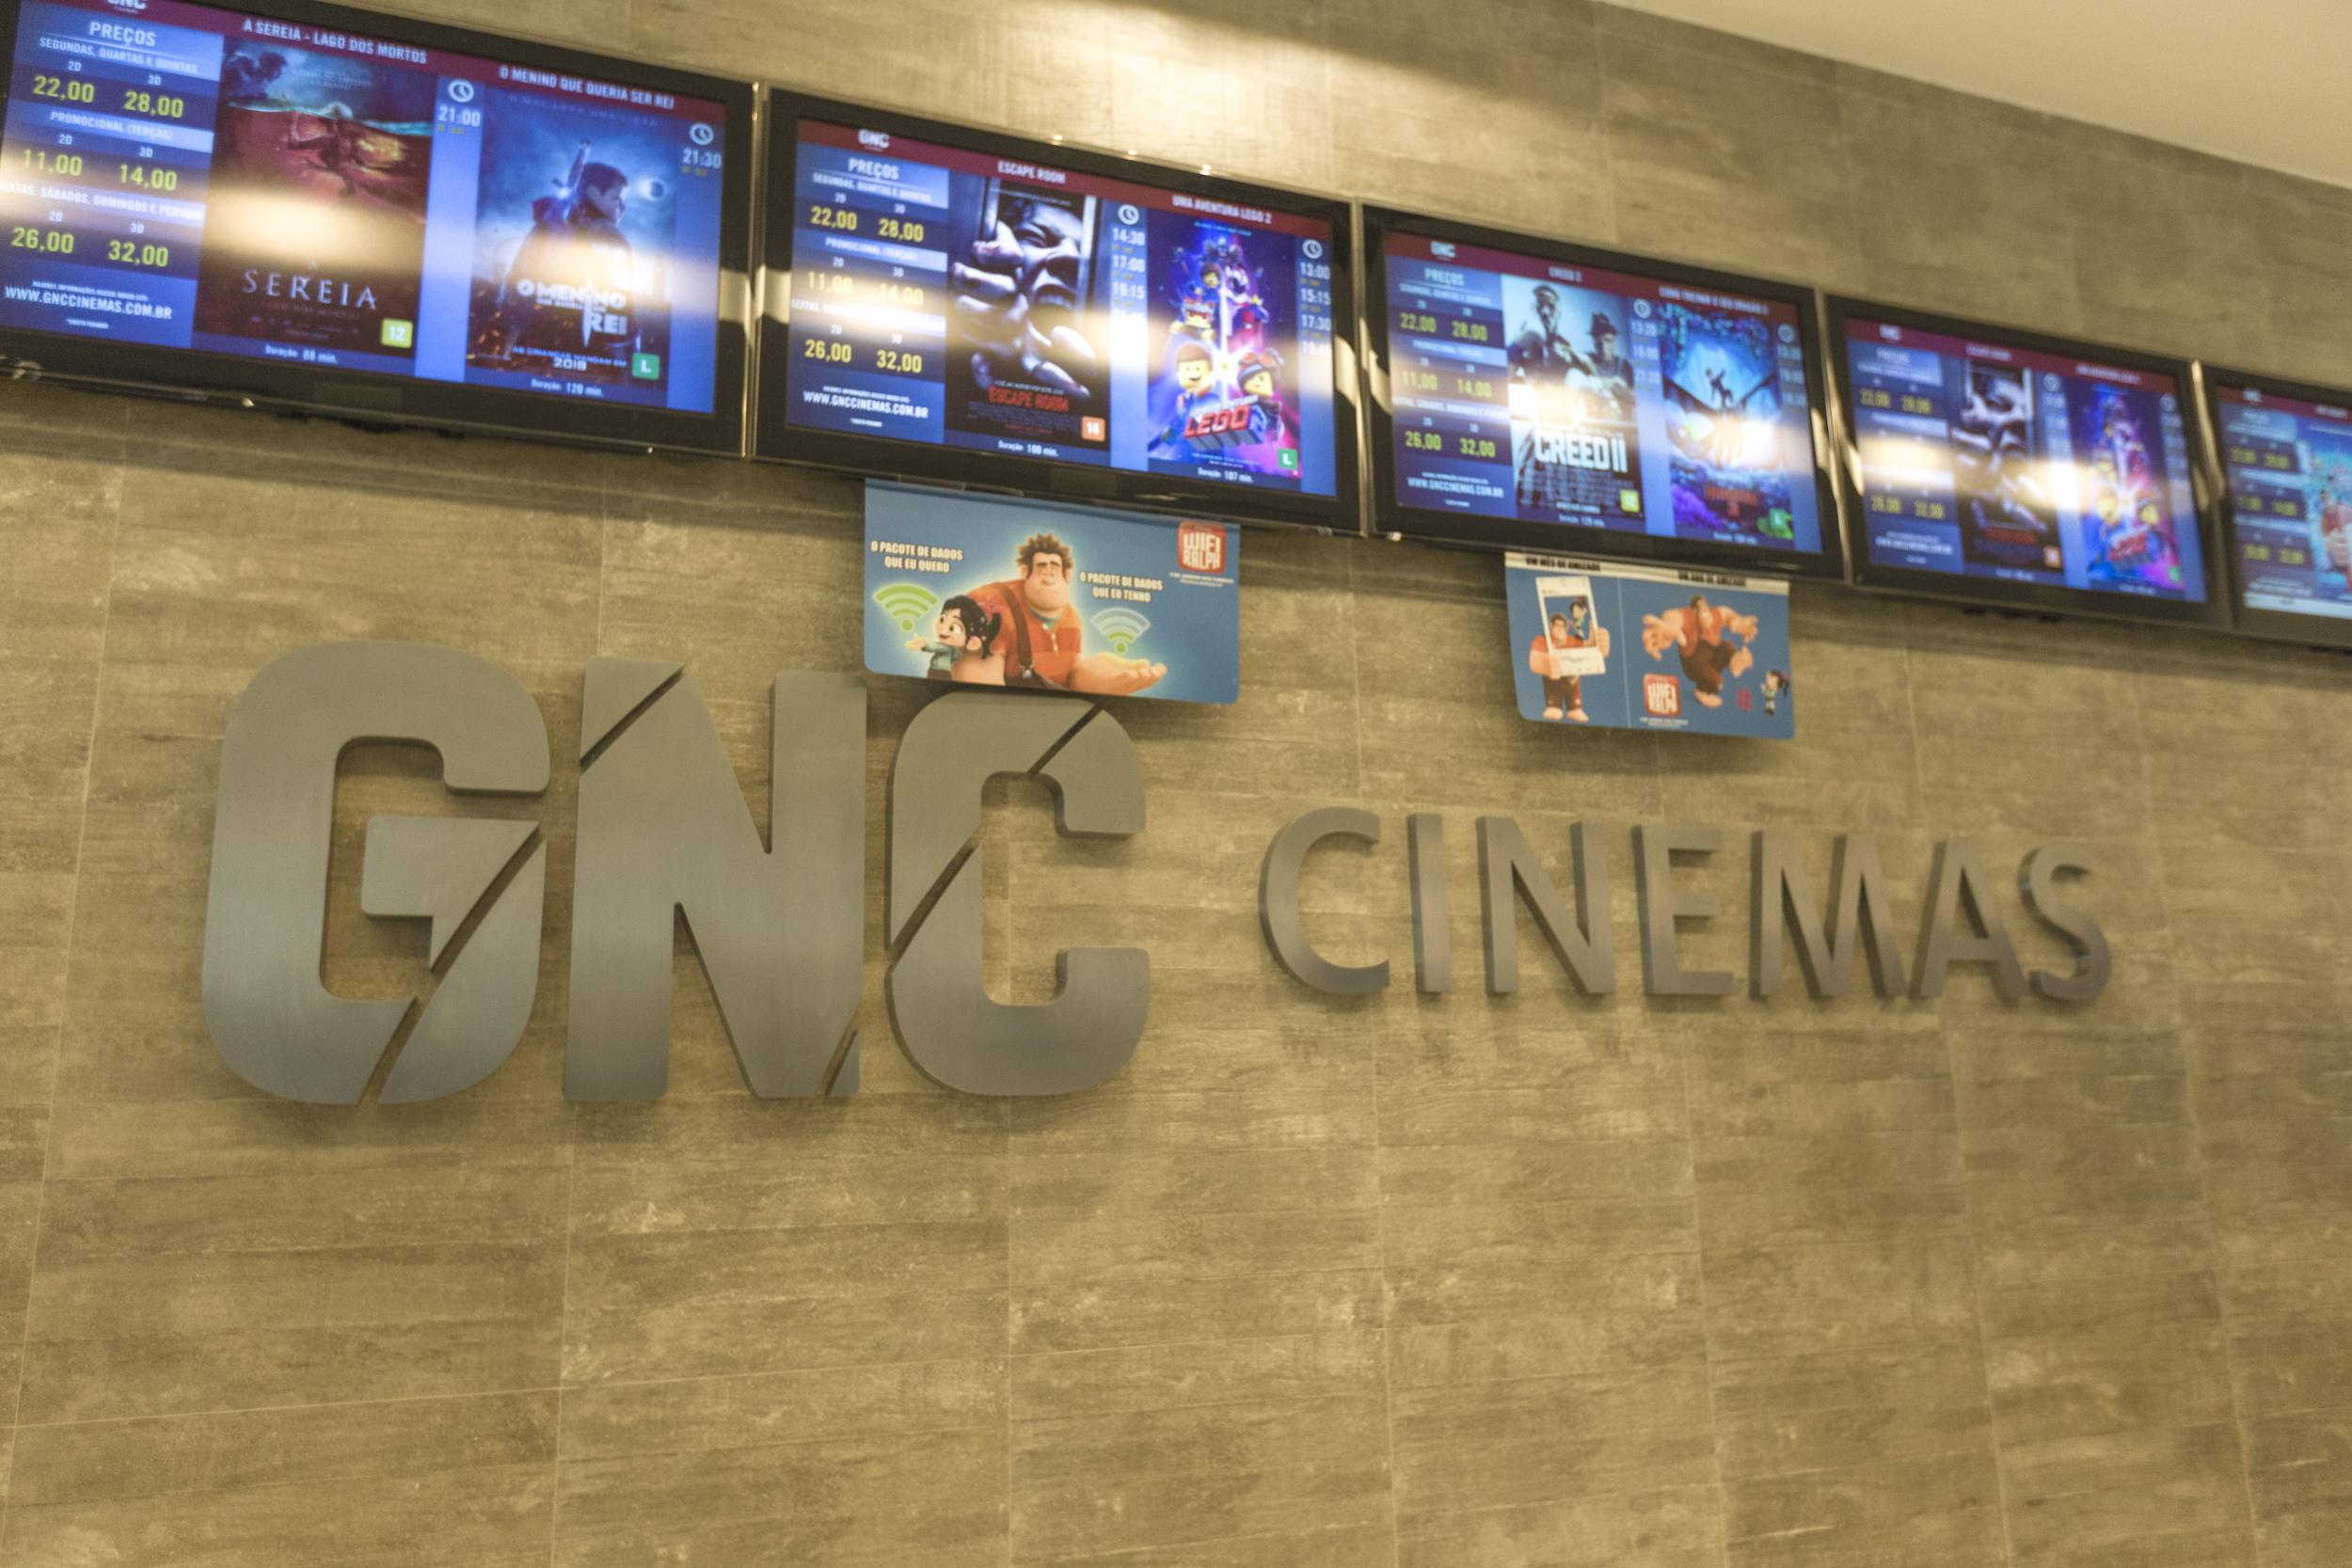 GNC Cinemas escrito na parede e acima tvs com a programação.